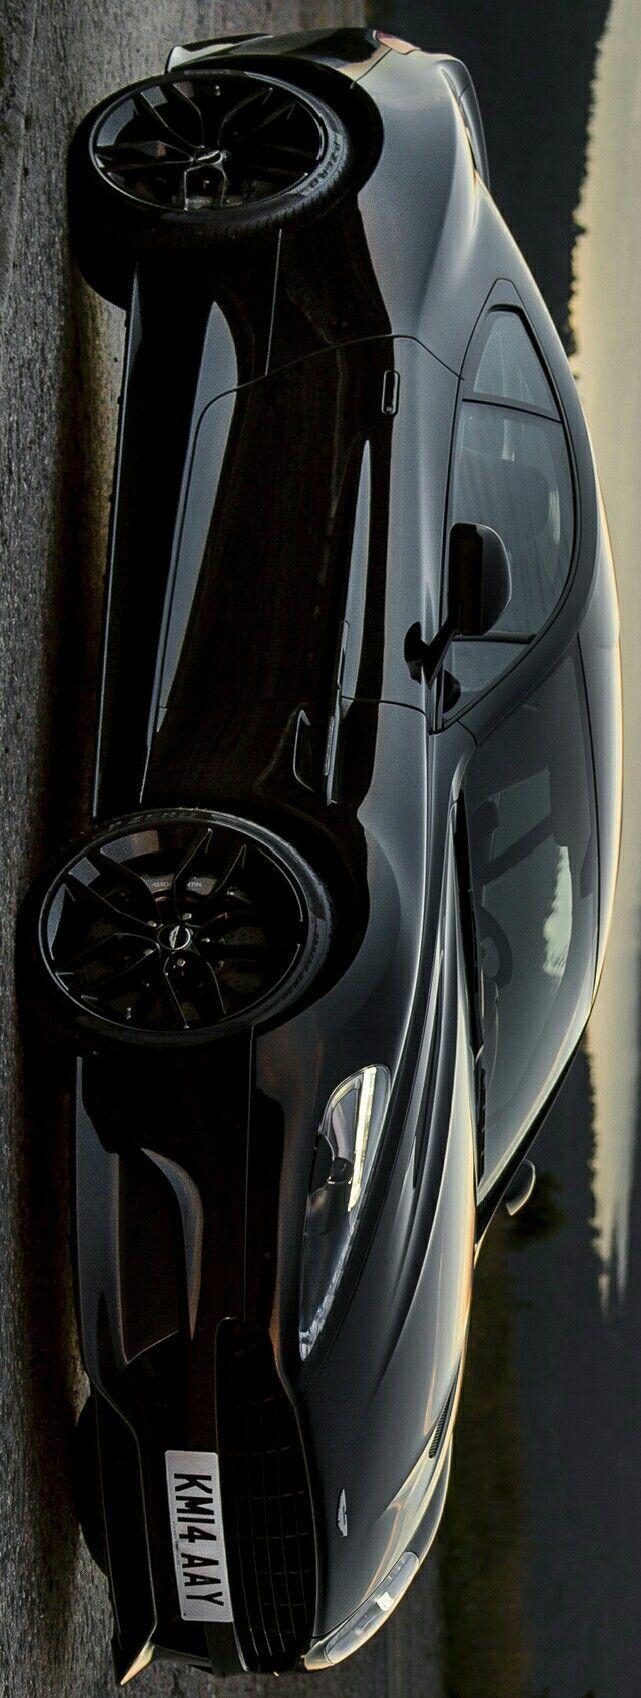 Aston Martin Vanquish Carbon Black by Levon